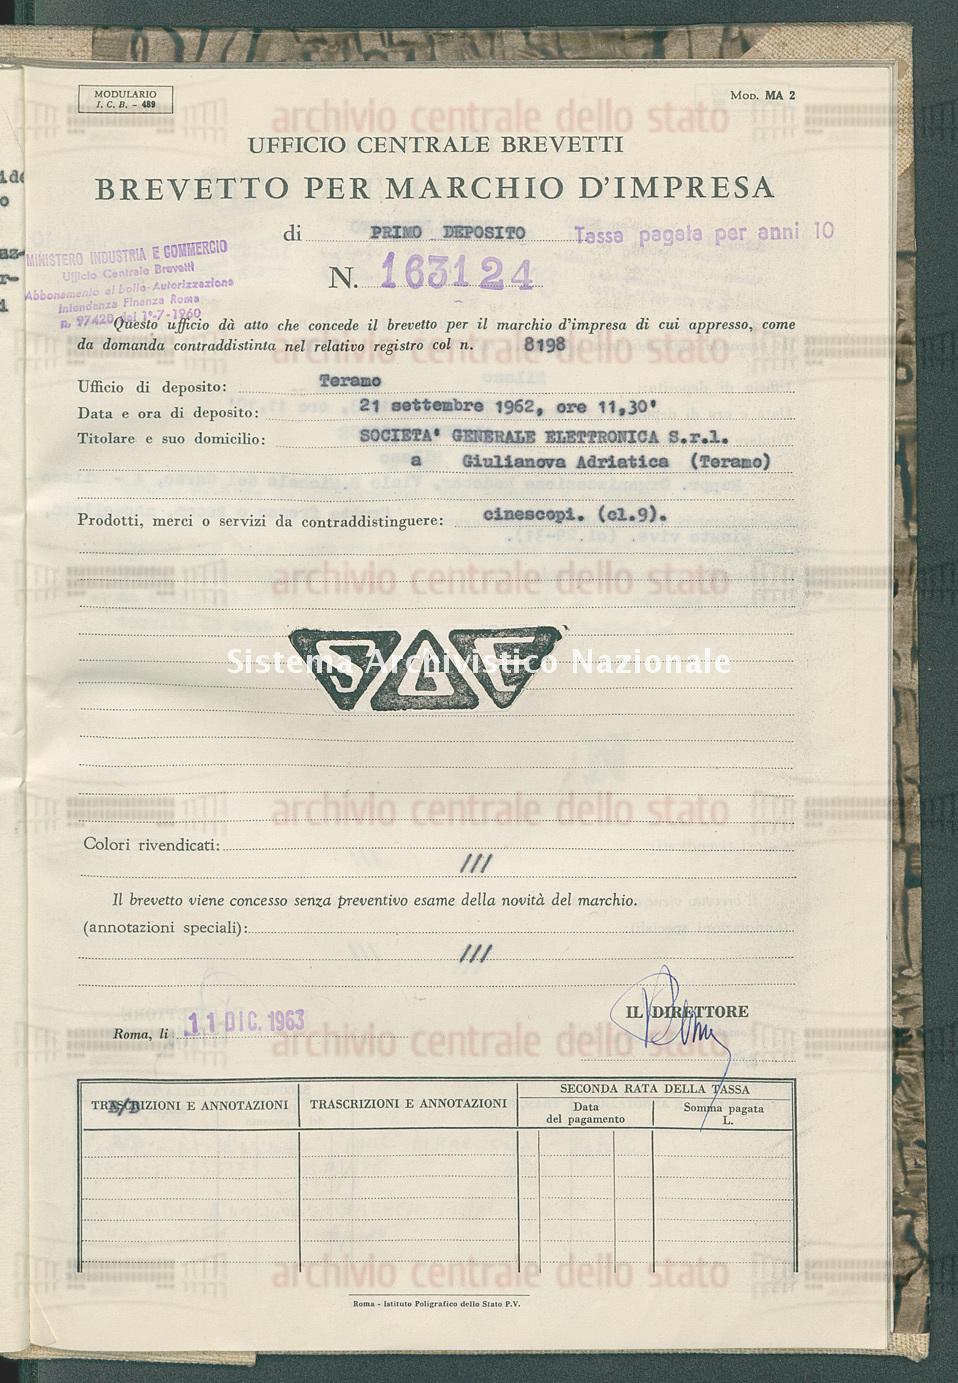 Cinescopi Societa' Generale Elettronica S.R.L. (11/12/1963)